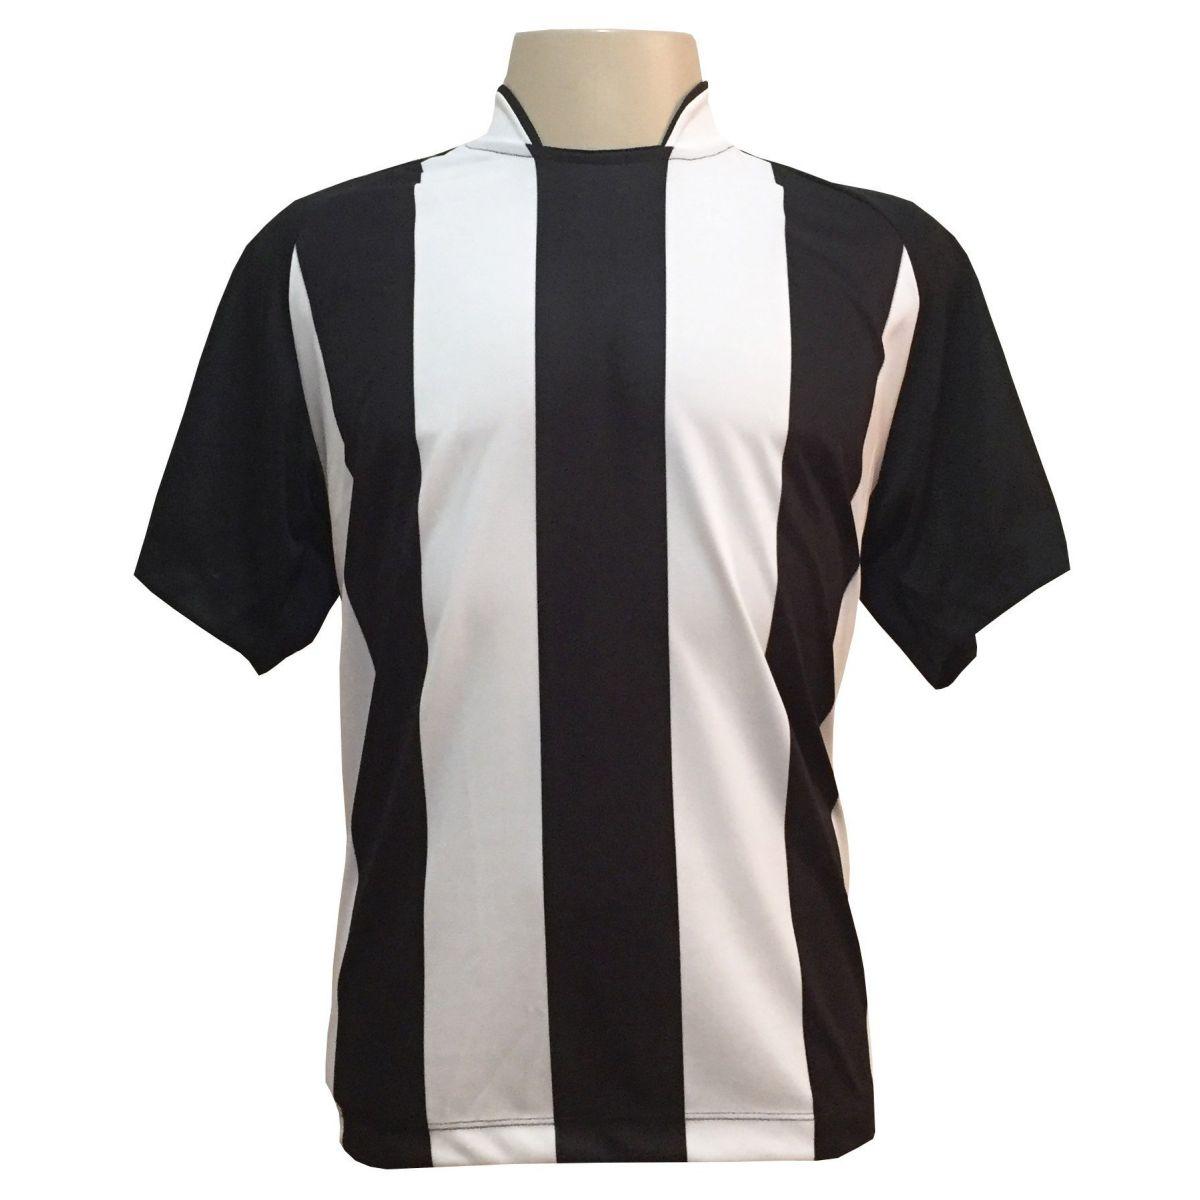 Uniforme Esportivo com 12 Camisas modelo Milan Preto/Branco + 12 Calções modelo Madrid Preto + 12 Pares de meiões Branco